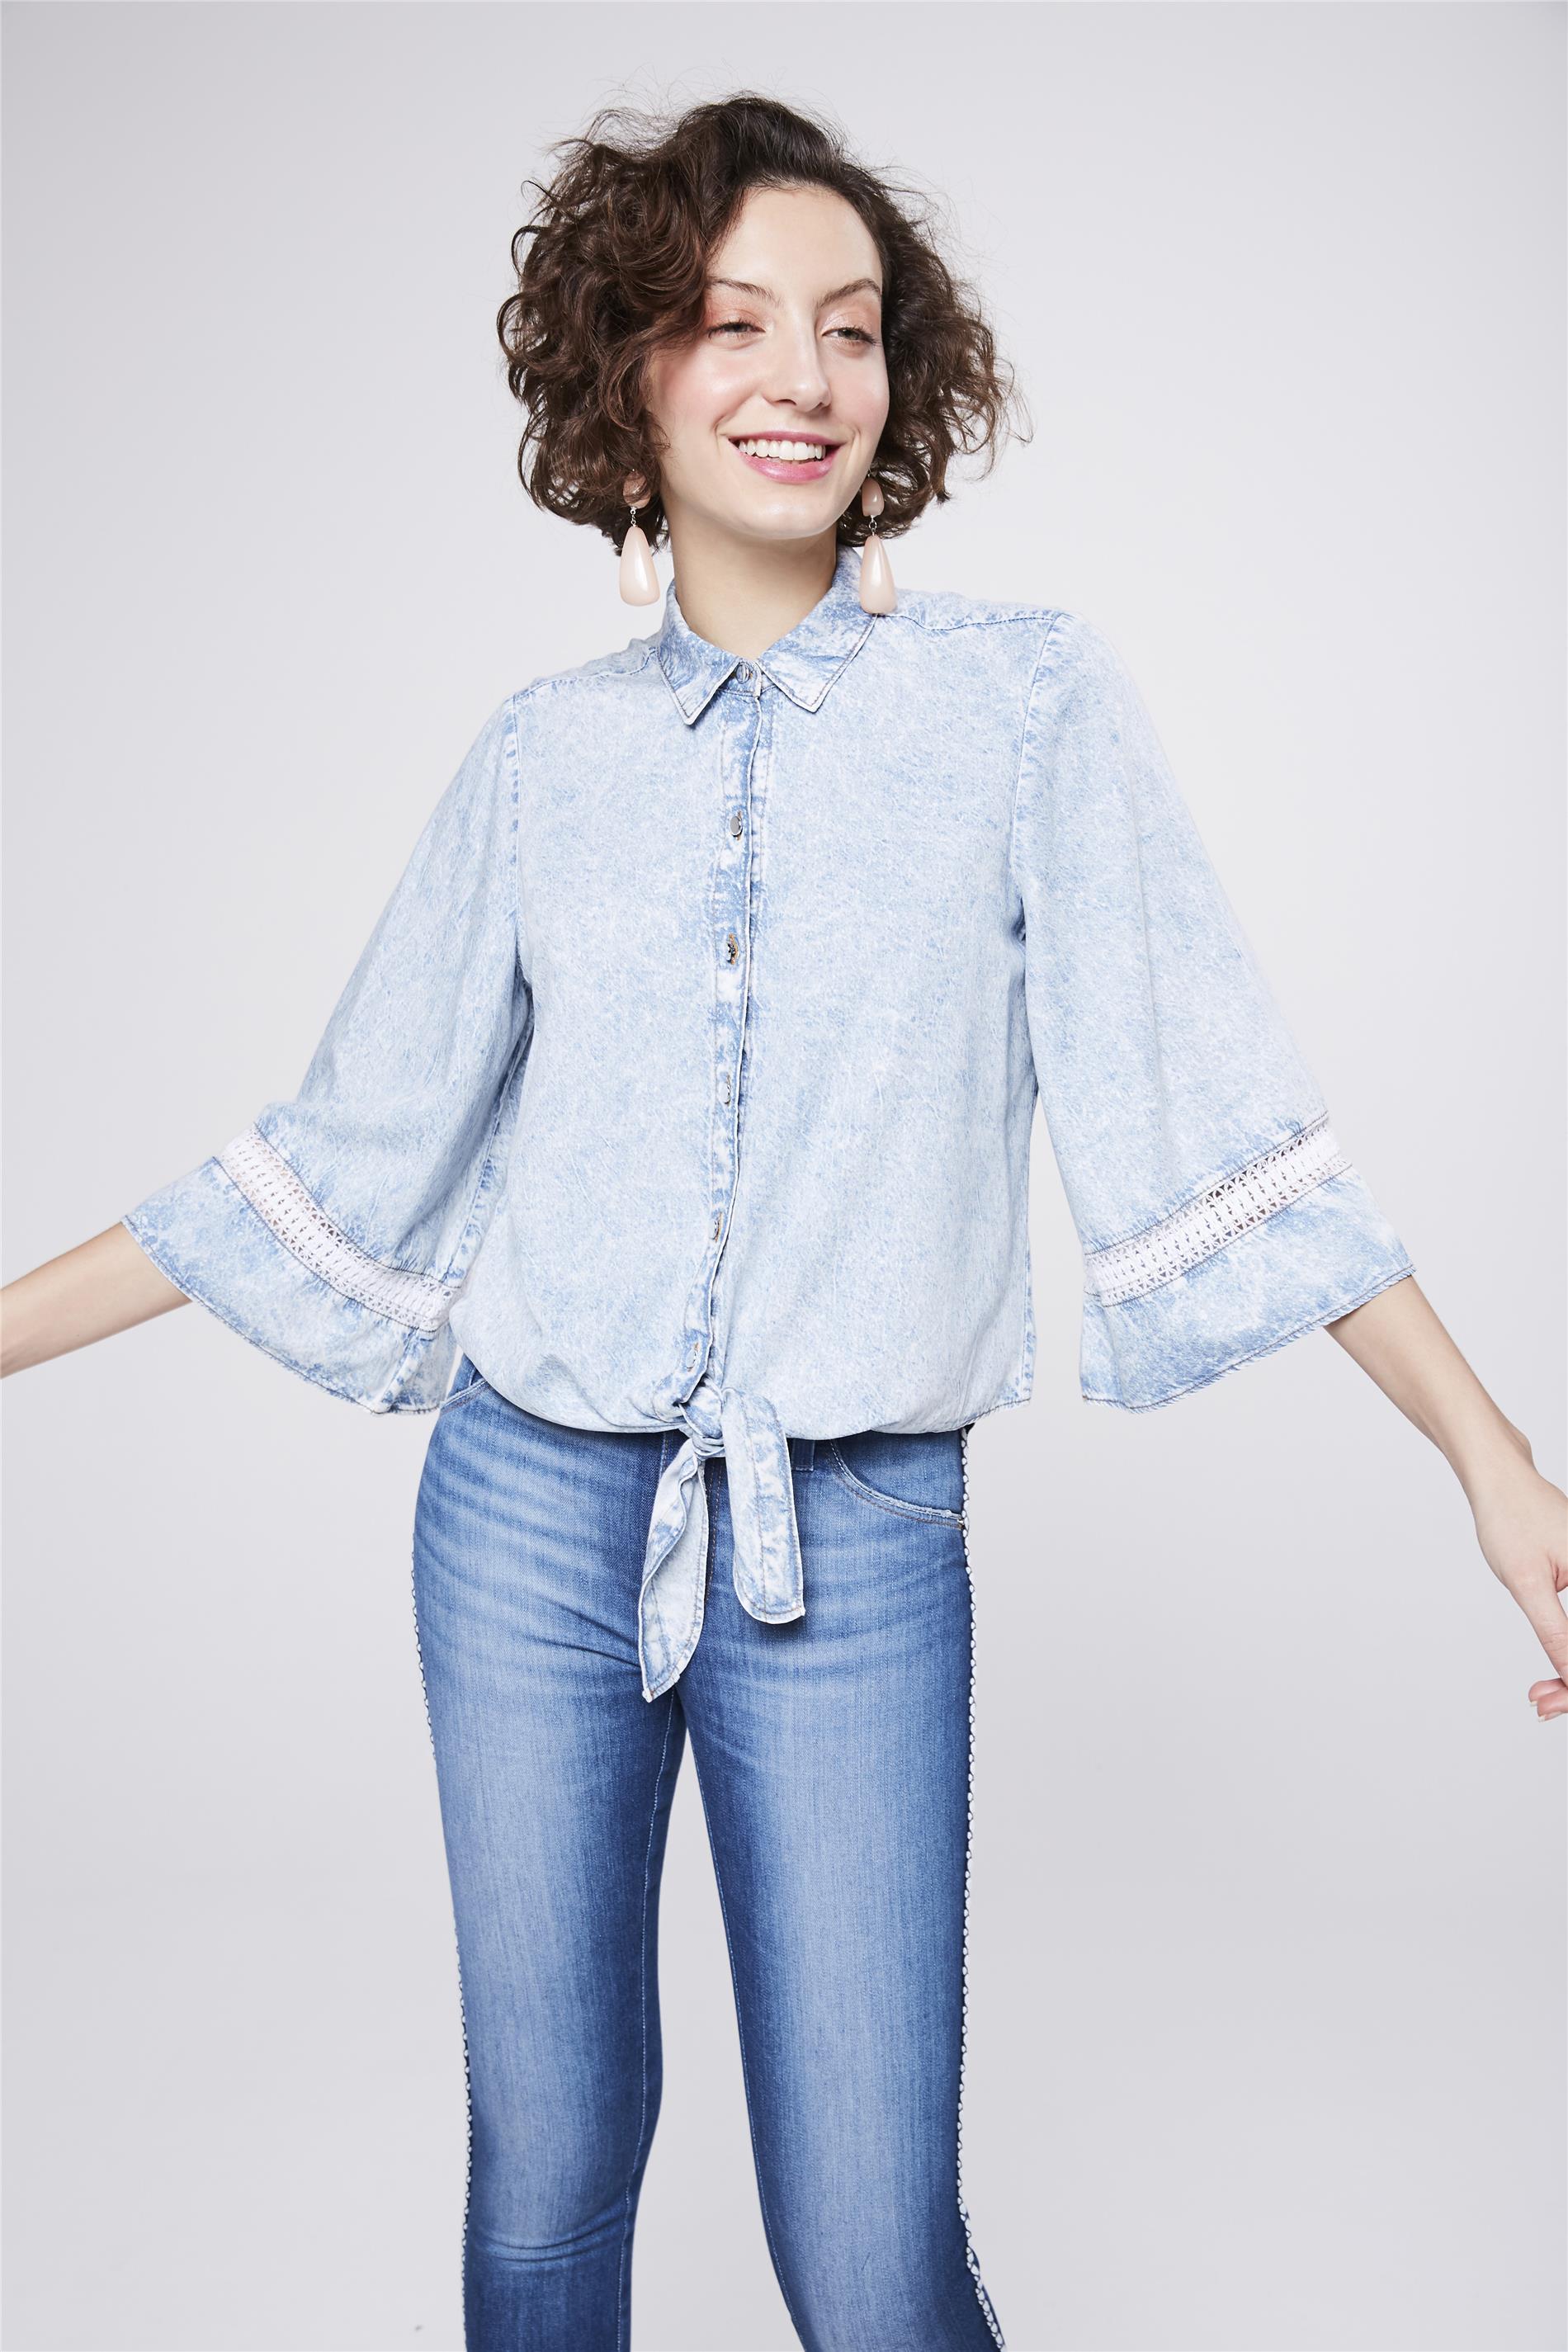 58893d51f5 Camisa Jeans com Amarração Feminina - Damyller